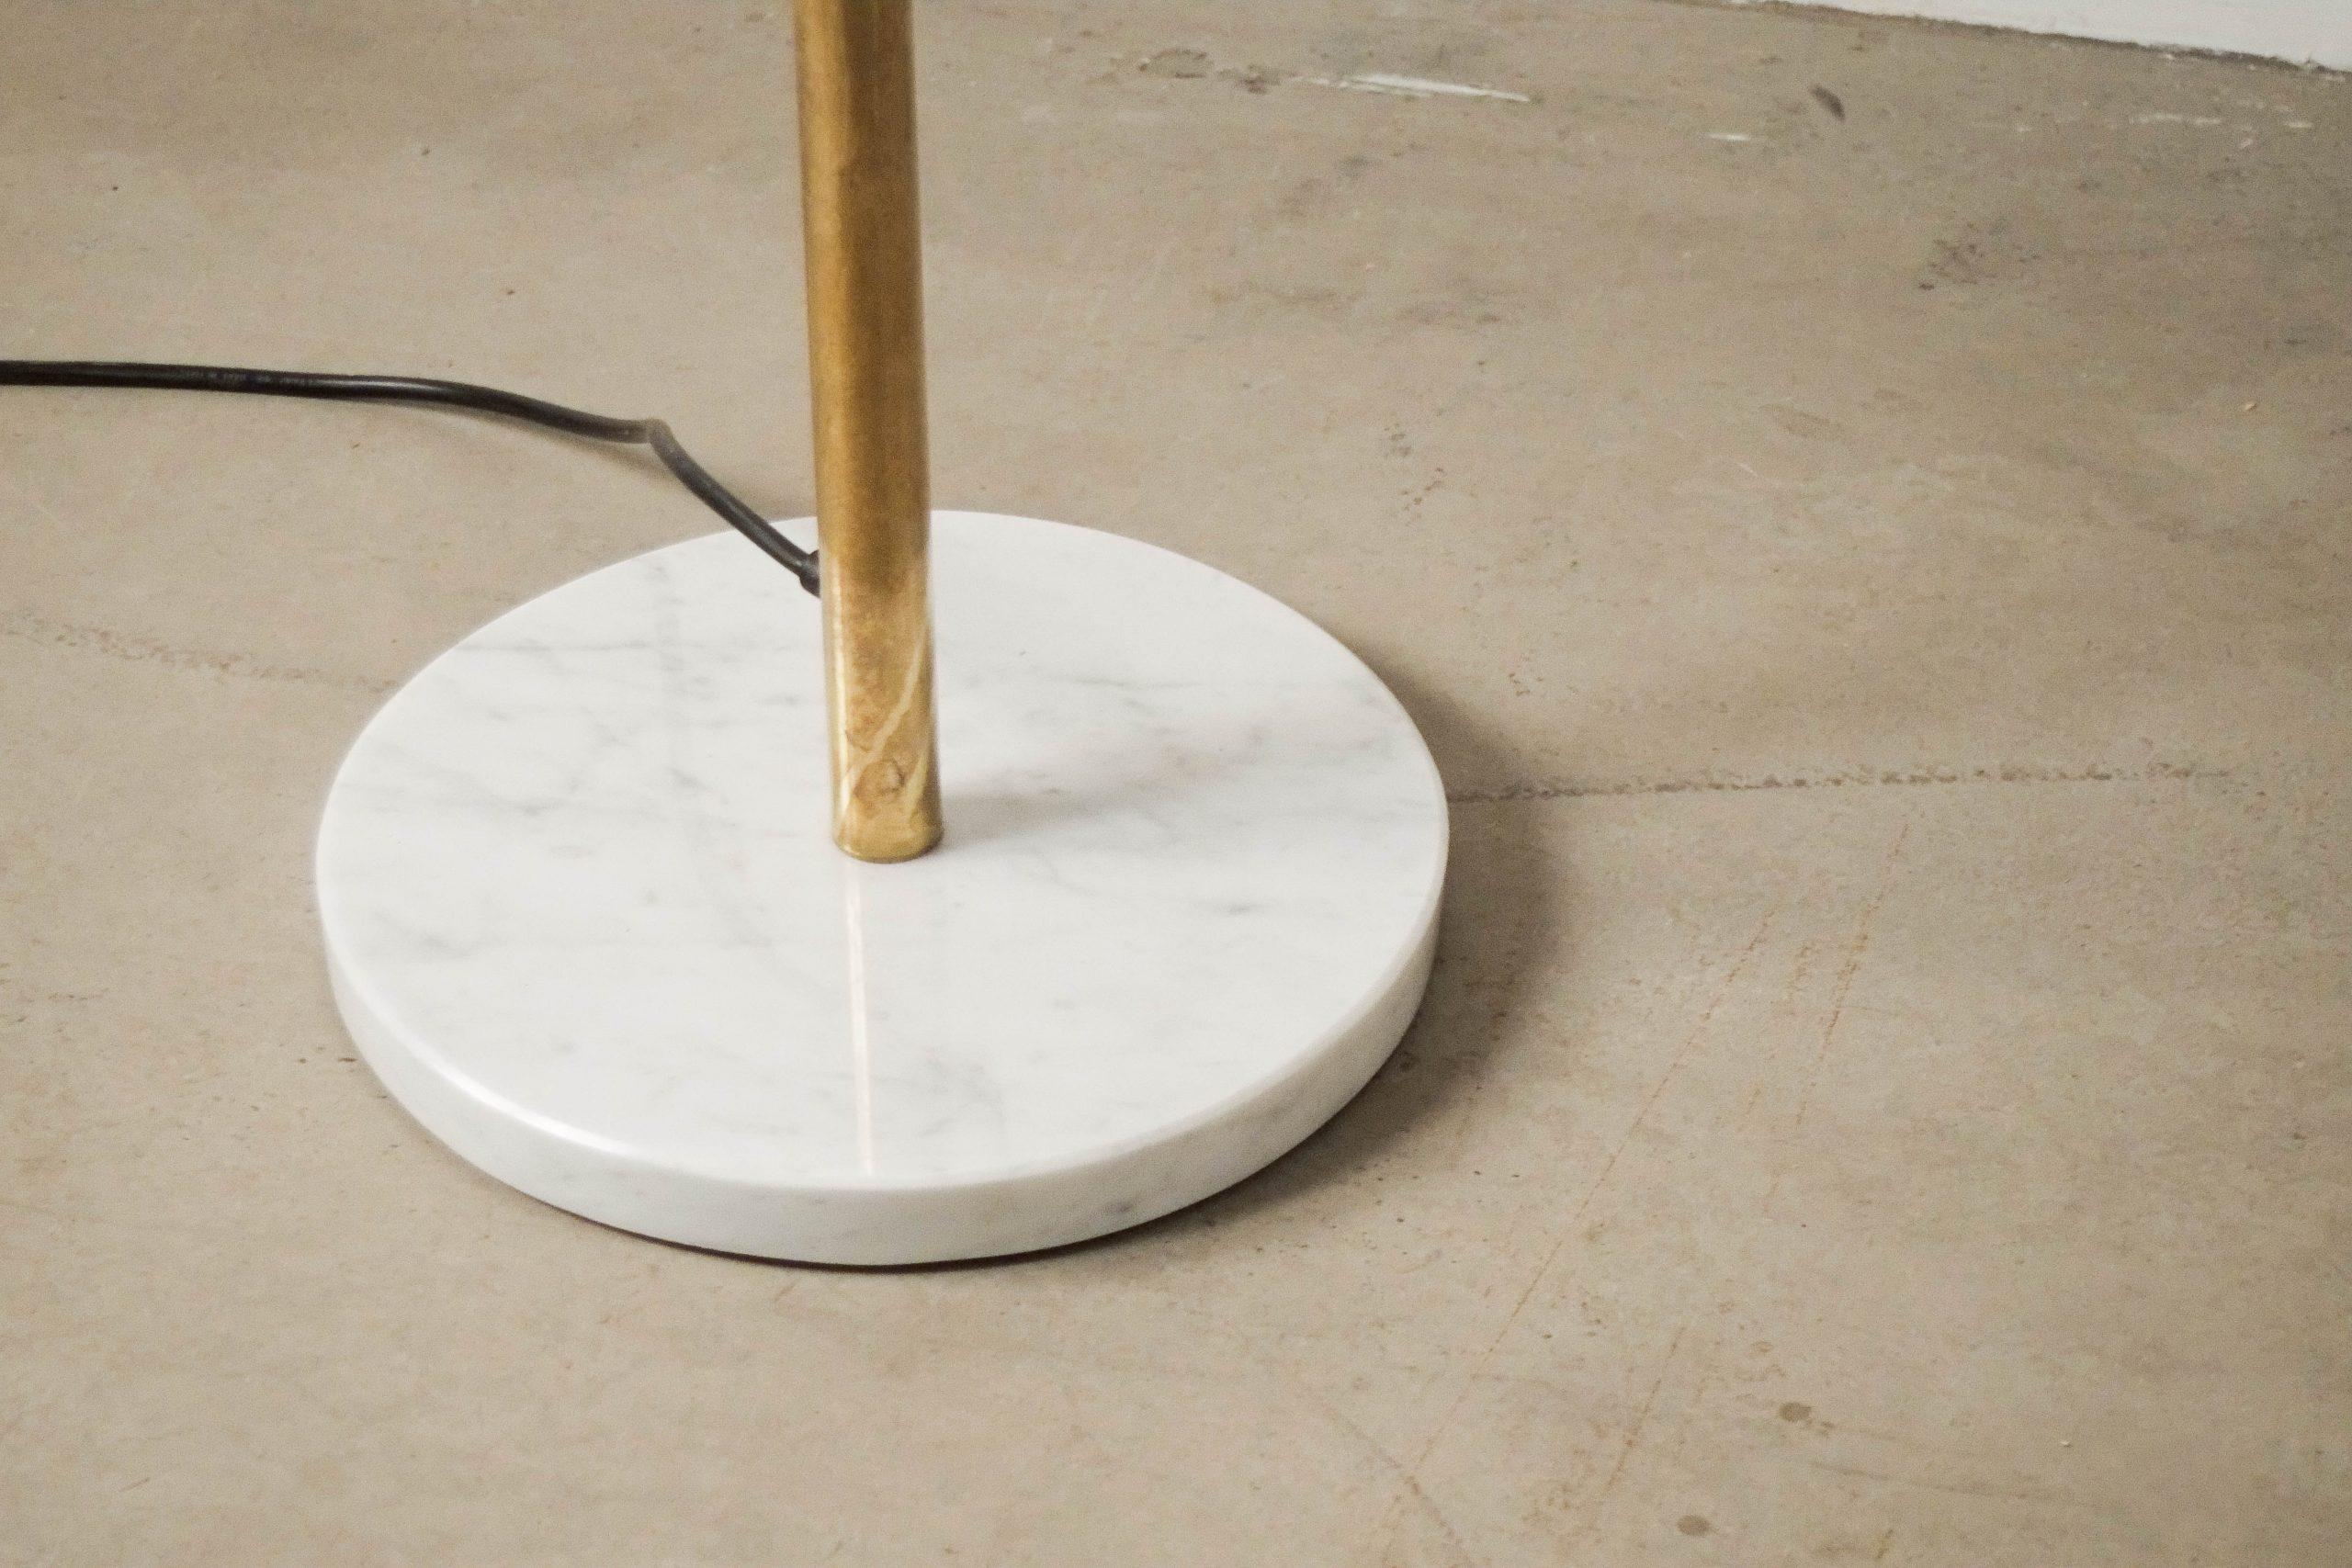 lampara de pie de laton pie de marmol blanco de metal italia italiana diseño